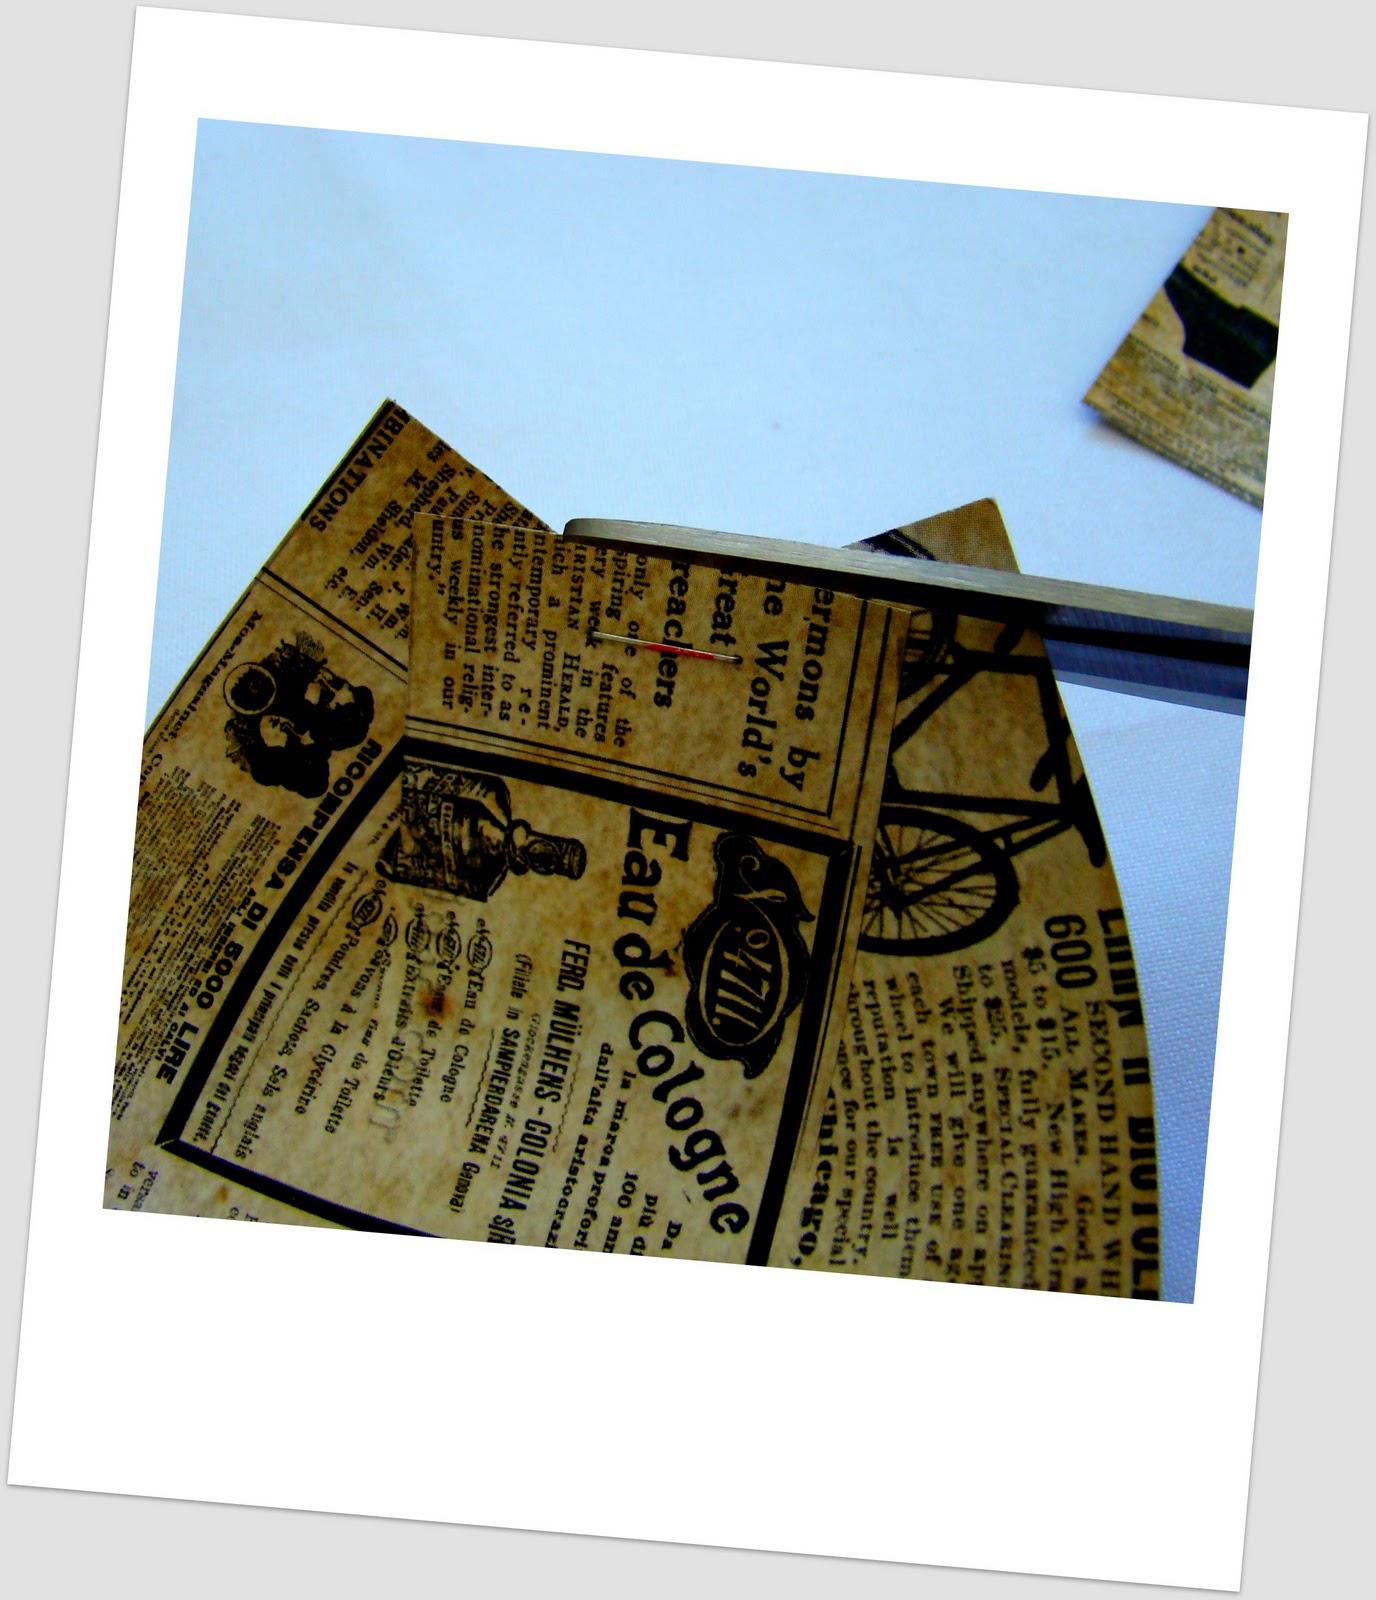 http://1.bp.blogspot.com/-dkqMHpflcRc/TtffMKtBp-I/AAAAAAAAAgk/pA15BNHN4QM/s1600/paper+boats+125+boost.jpg